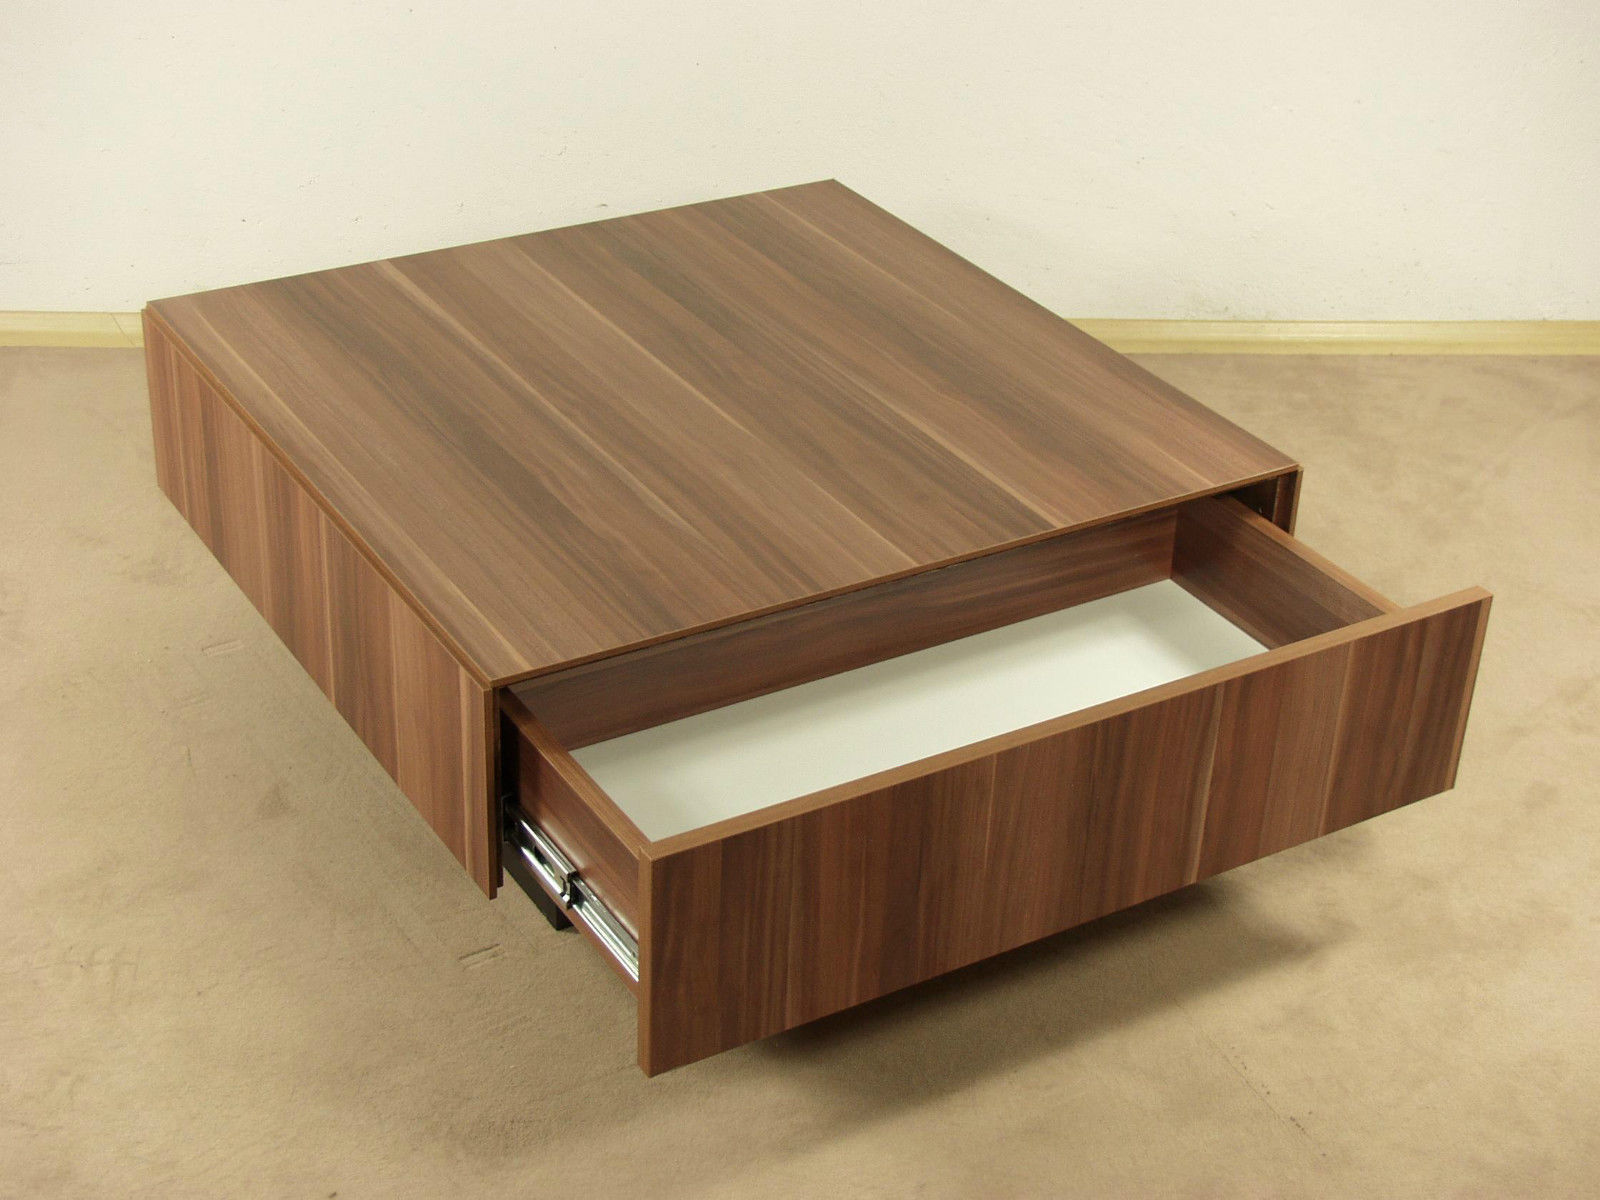 Modern Tisch tisch modern design 43042070407102 esstisch modern design tisch modern haus ideen set tisch